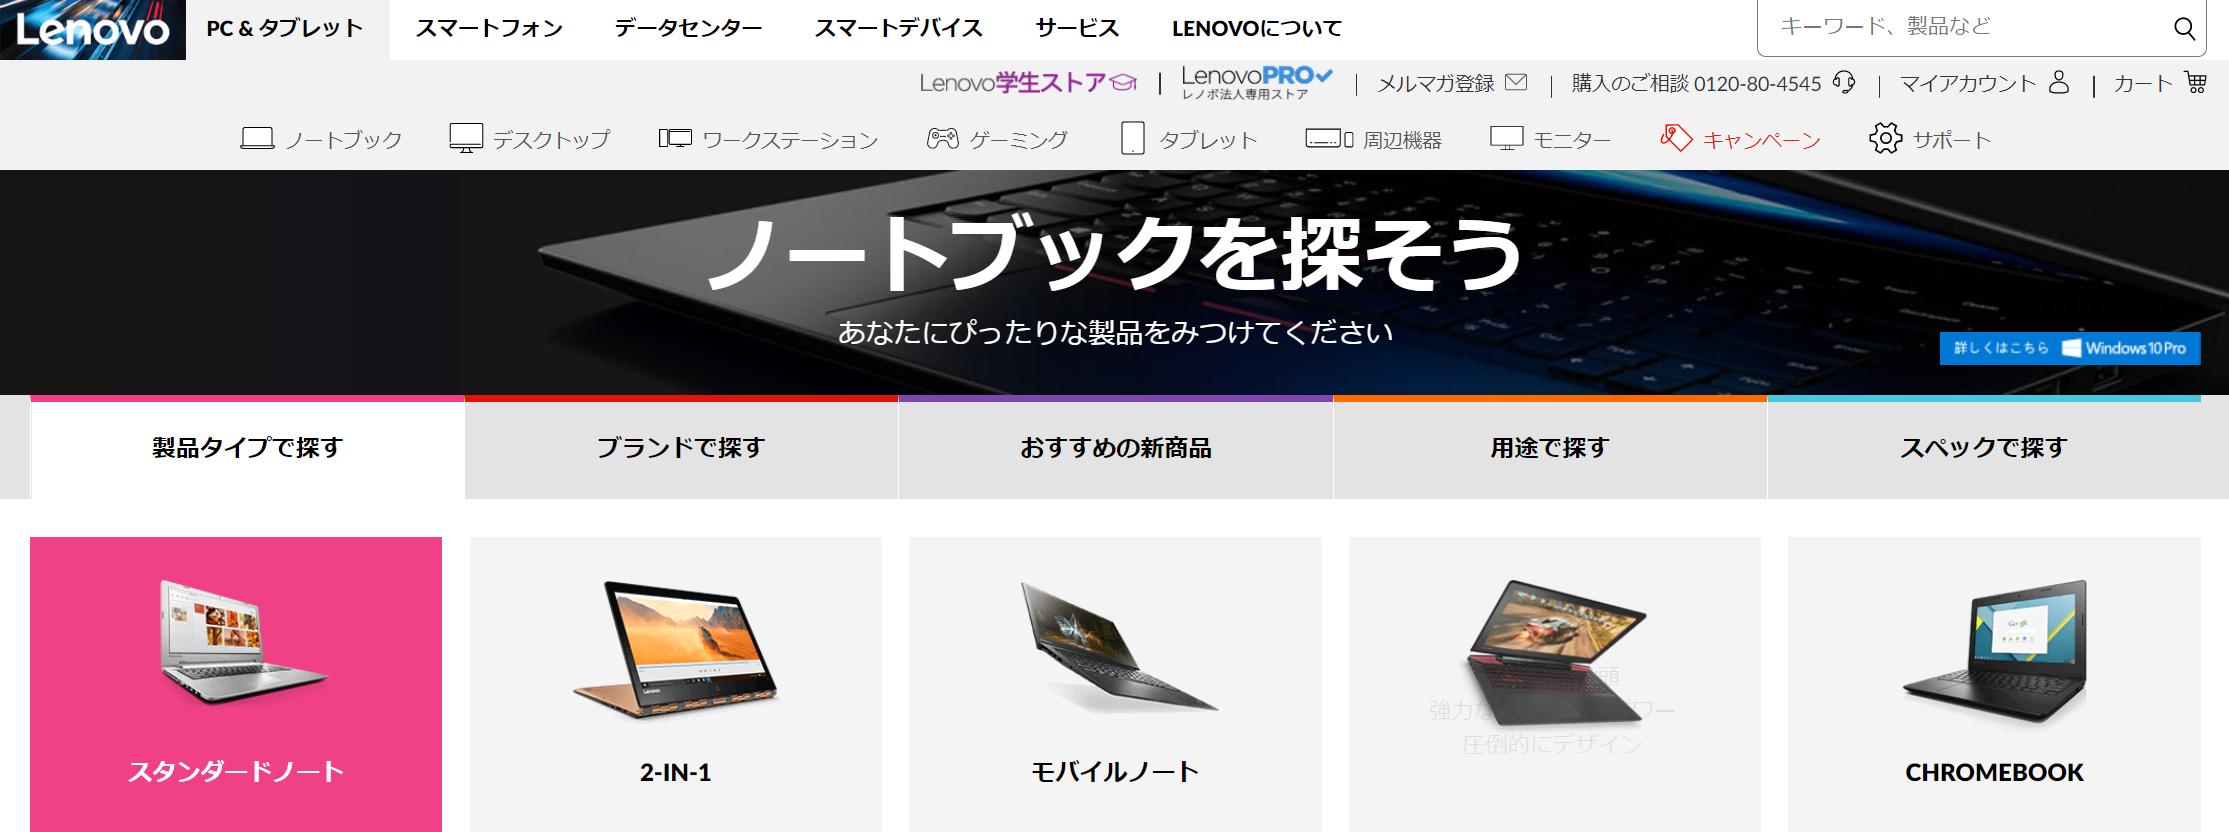 Lenovoサイト画像